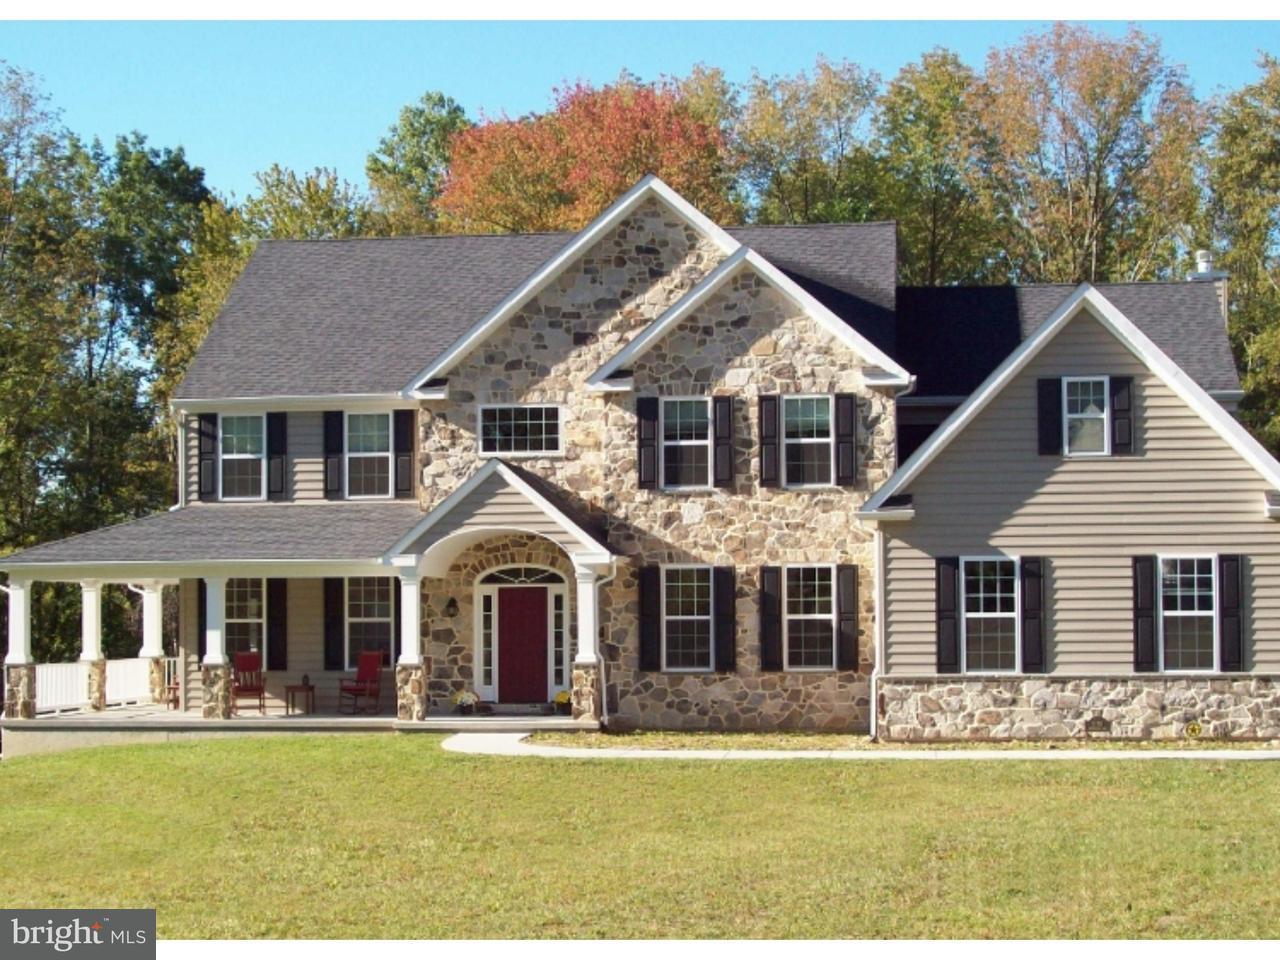 Частный односемейный дом для того Продажа на 173 INDIAN RUN Road Downingtown, Пенсильвания 19343 Соединенные Штаты